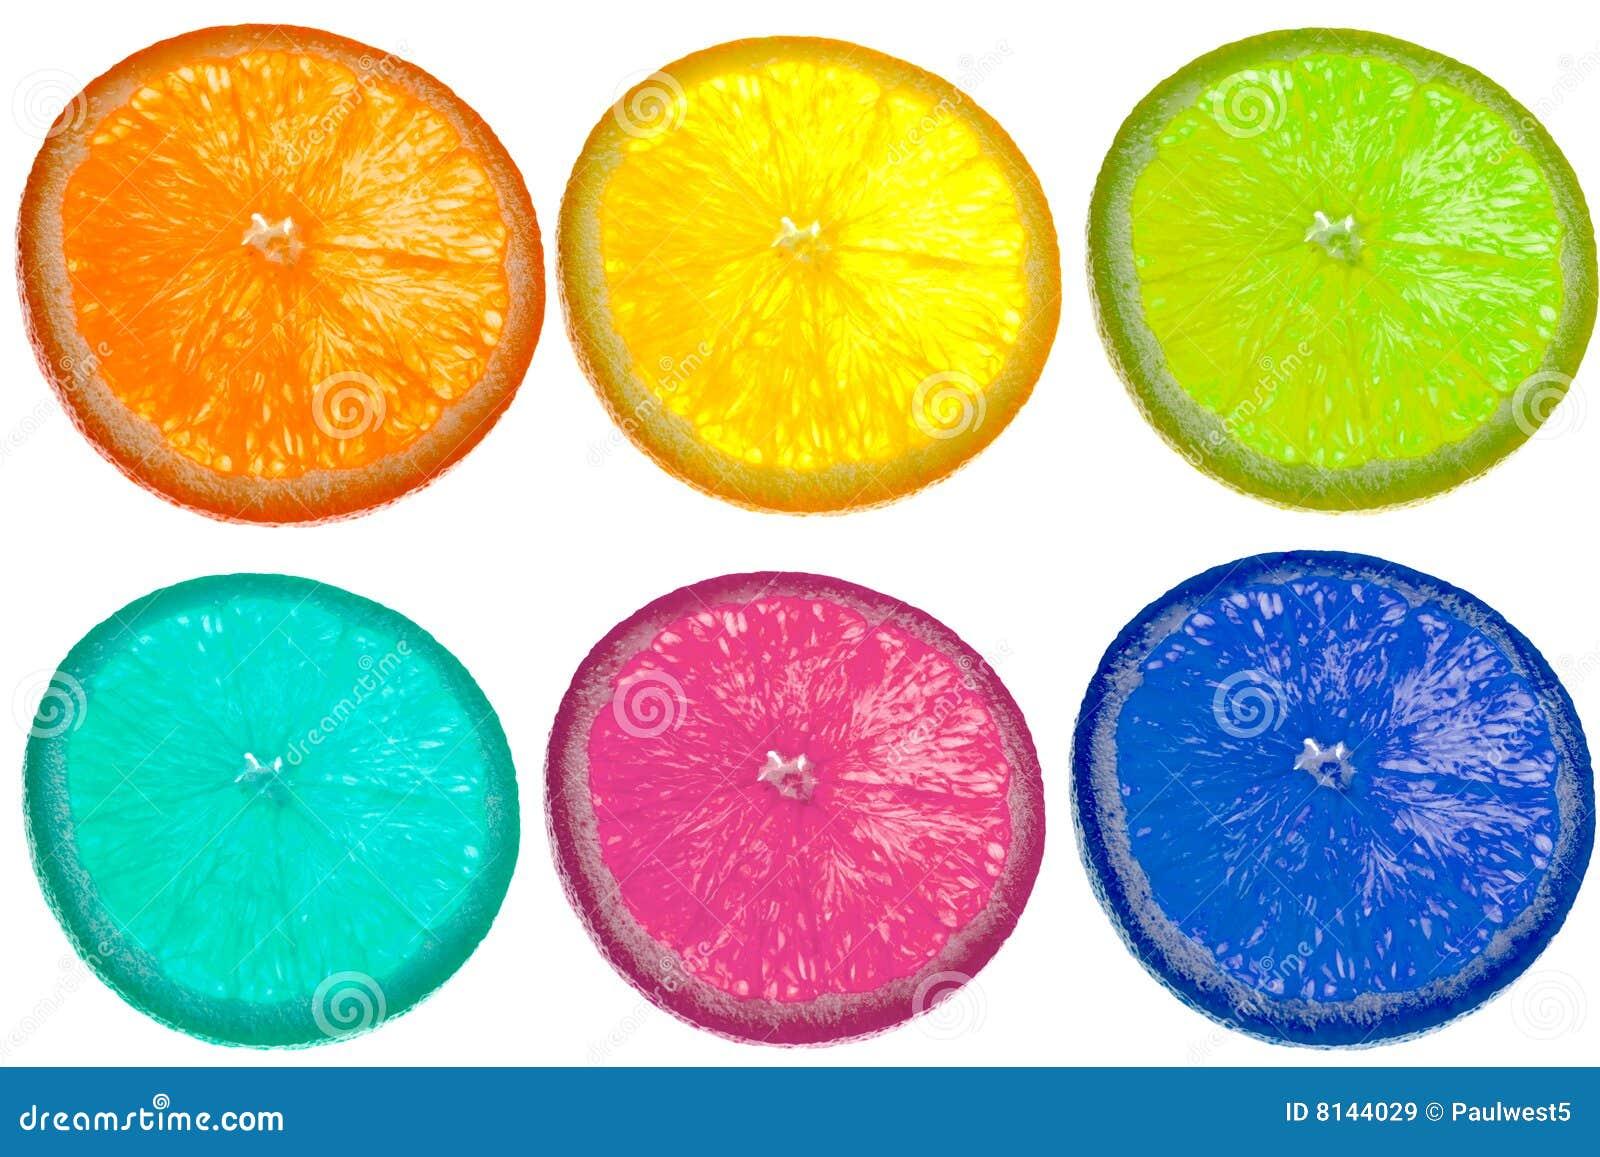 De plak kleurrijk patroon van de citrusvrucht